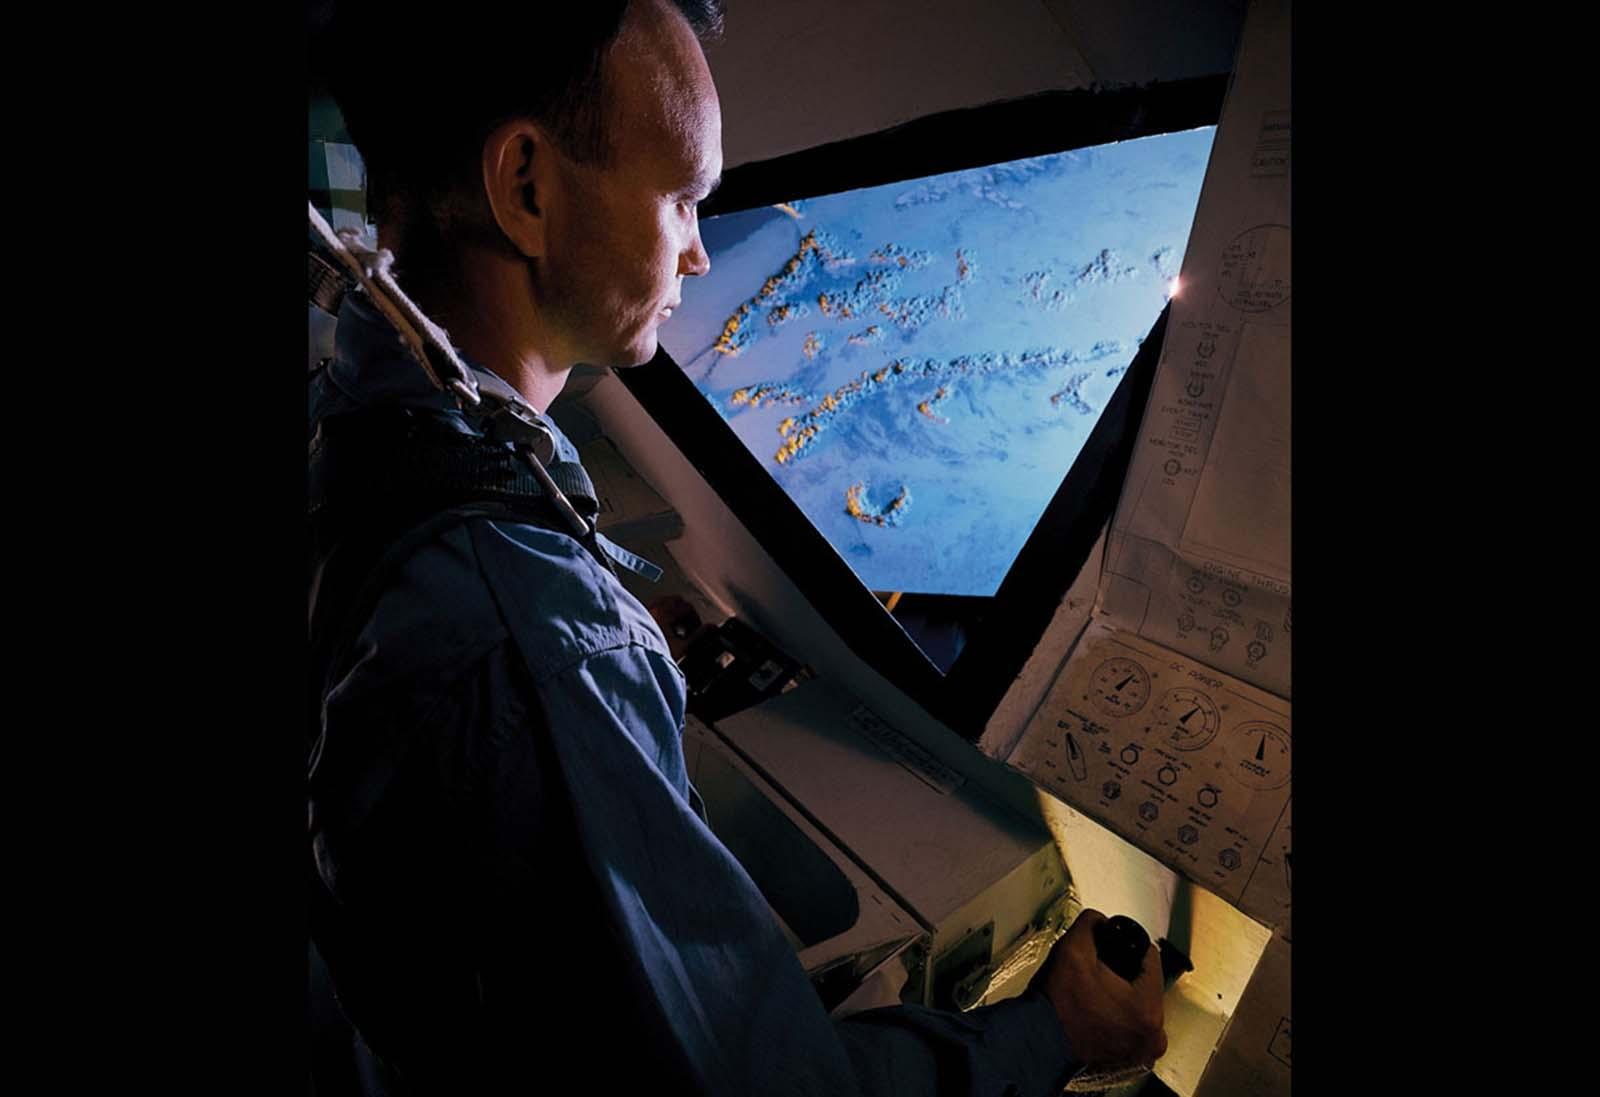 Um astronauta da Apollo opera um simulador de vôo durante o treinamento missionário para o programa espacial da NASA em Dallas, Texas.